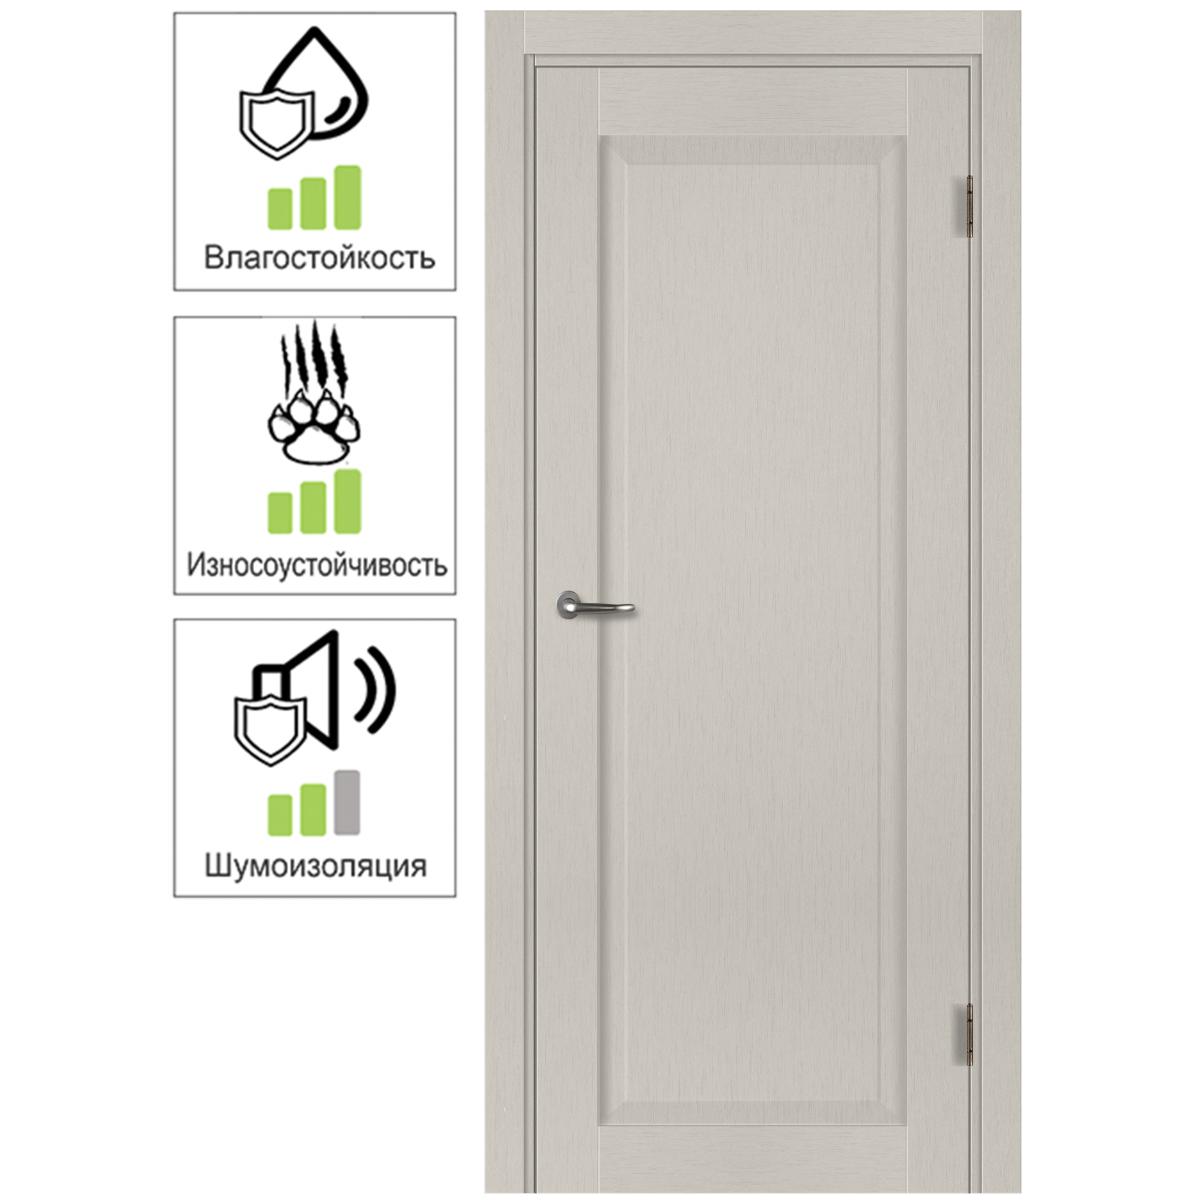 Дверь межкомнатная с фурнитурой Пьемонт 60х200 см Hardflex цвет платина светлая